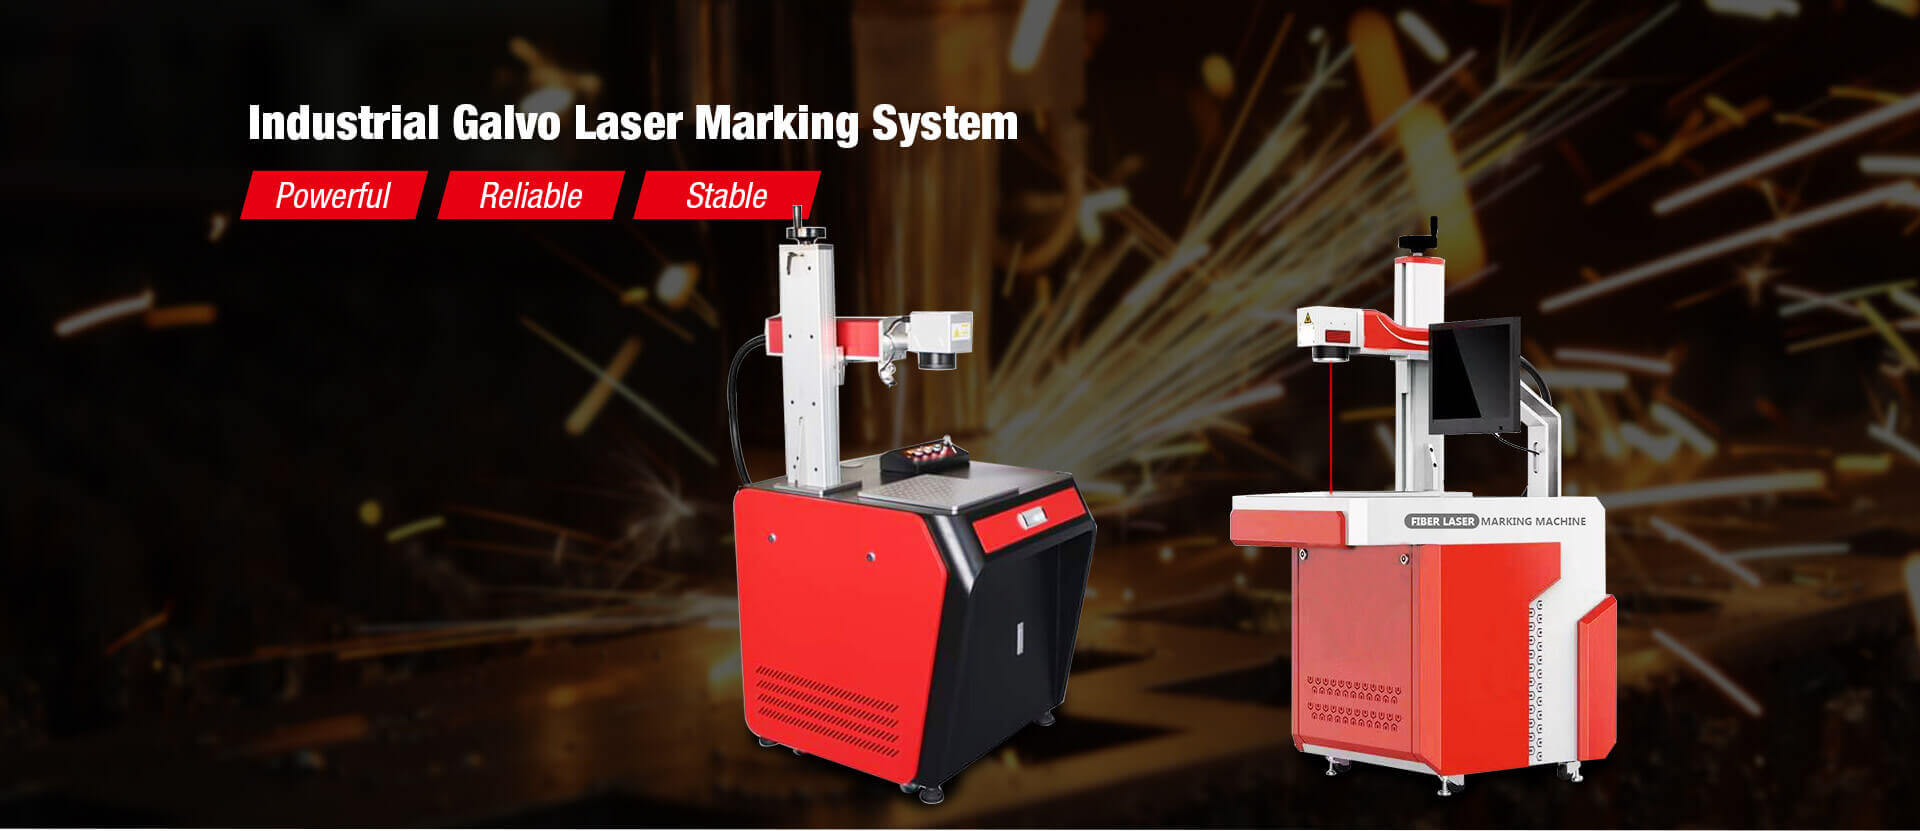 Industrial Laser Marking System Provider